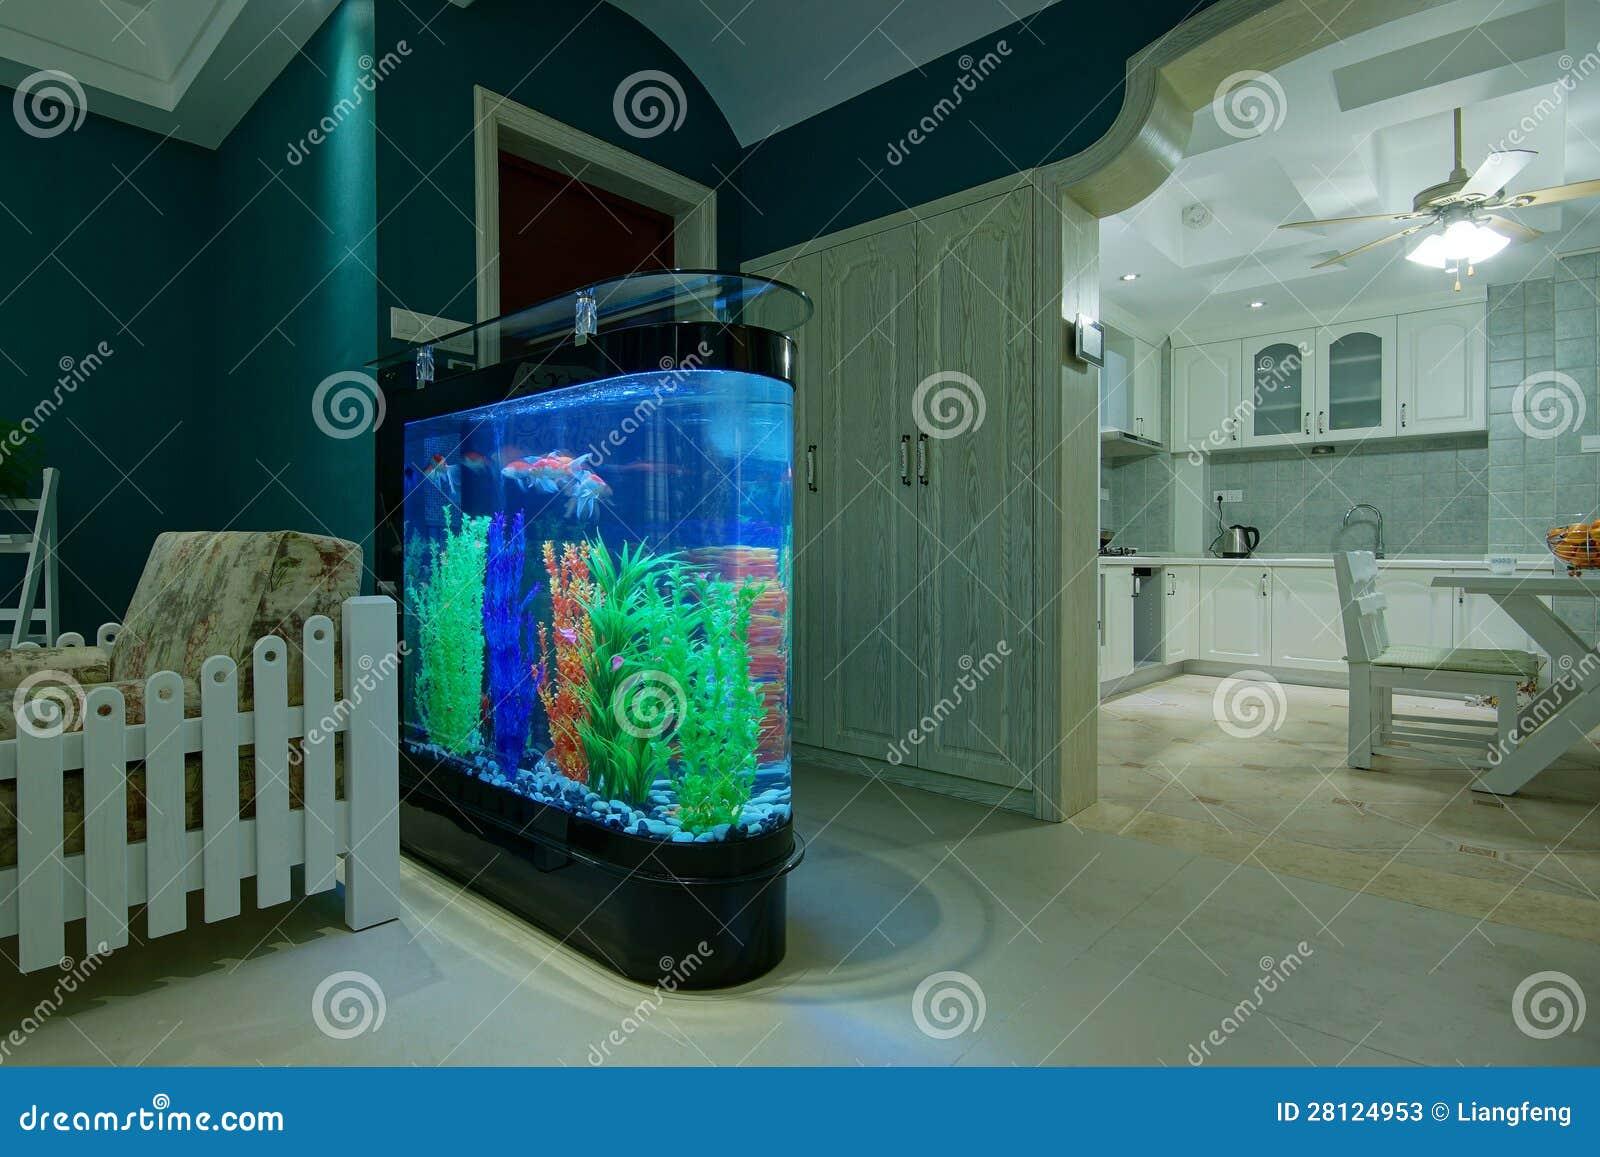 Wohnzimmer Aquarium Stockbild. Bild Von Hallway, Halle   28124953